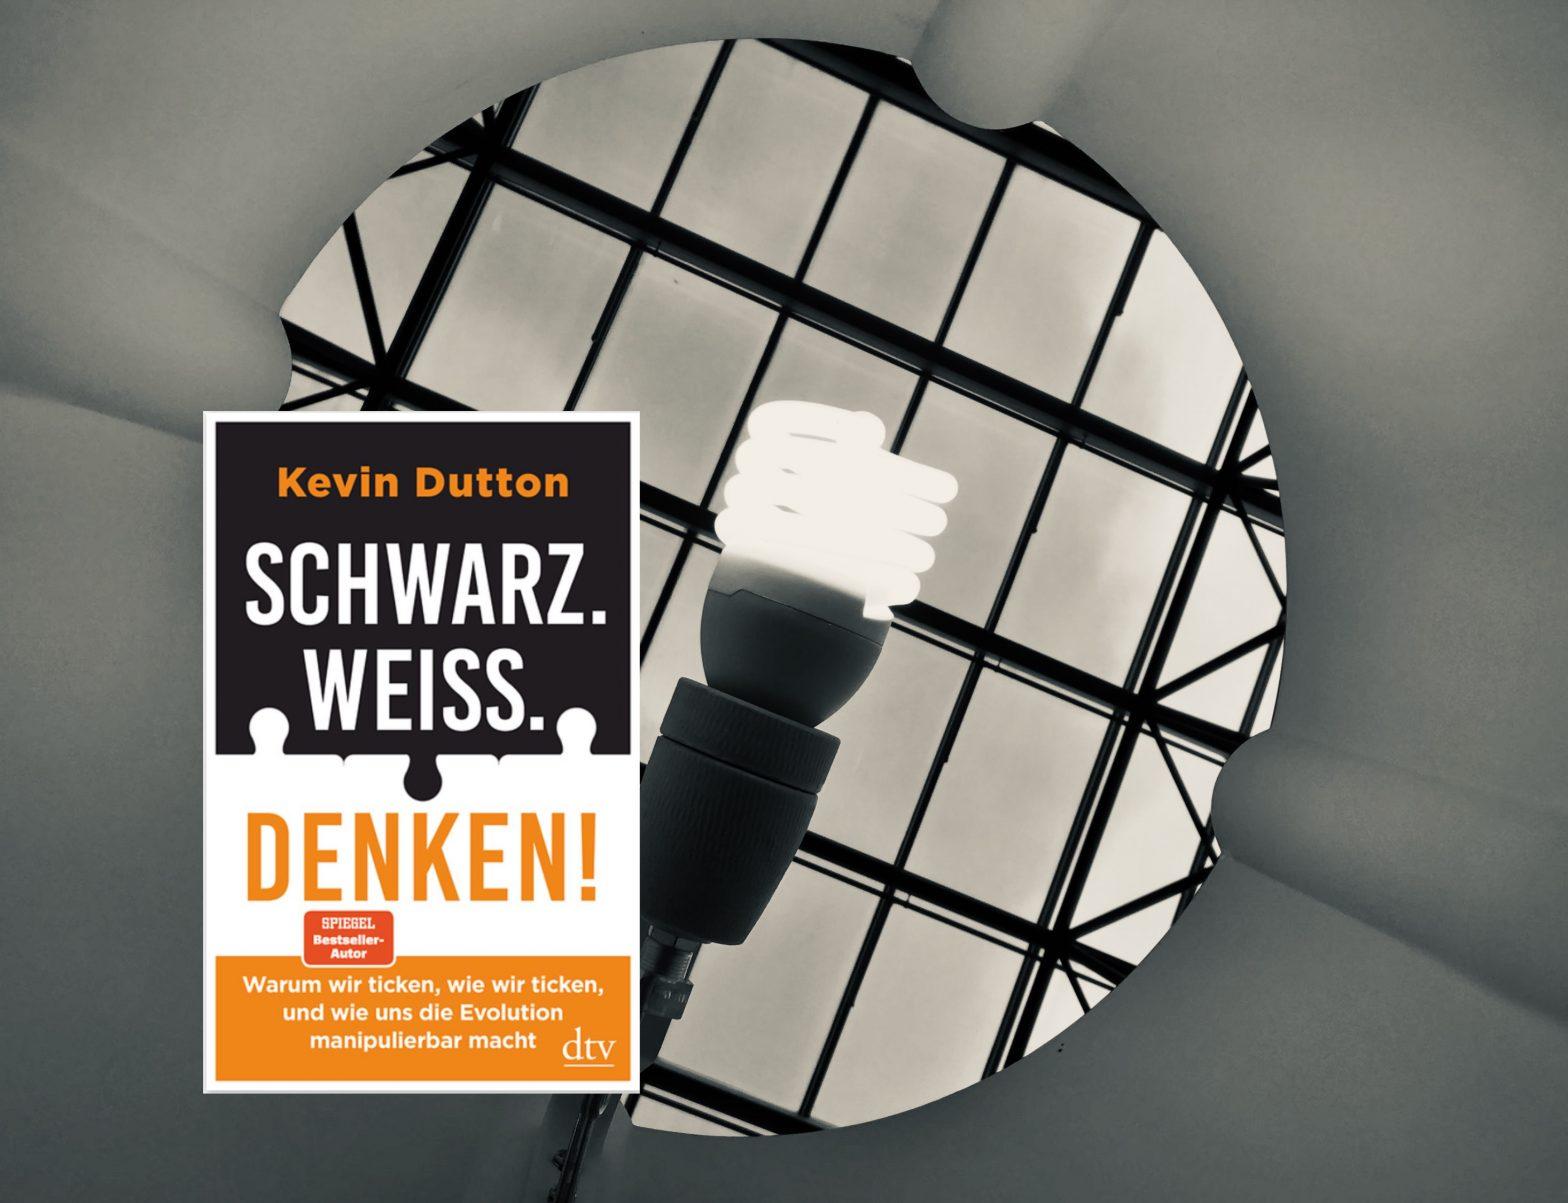 SCHWARZ. WEISS. DENKEN! von Kevin Dutton: Collage Cover mit Lampe